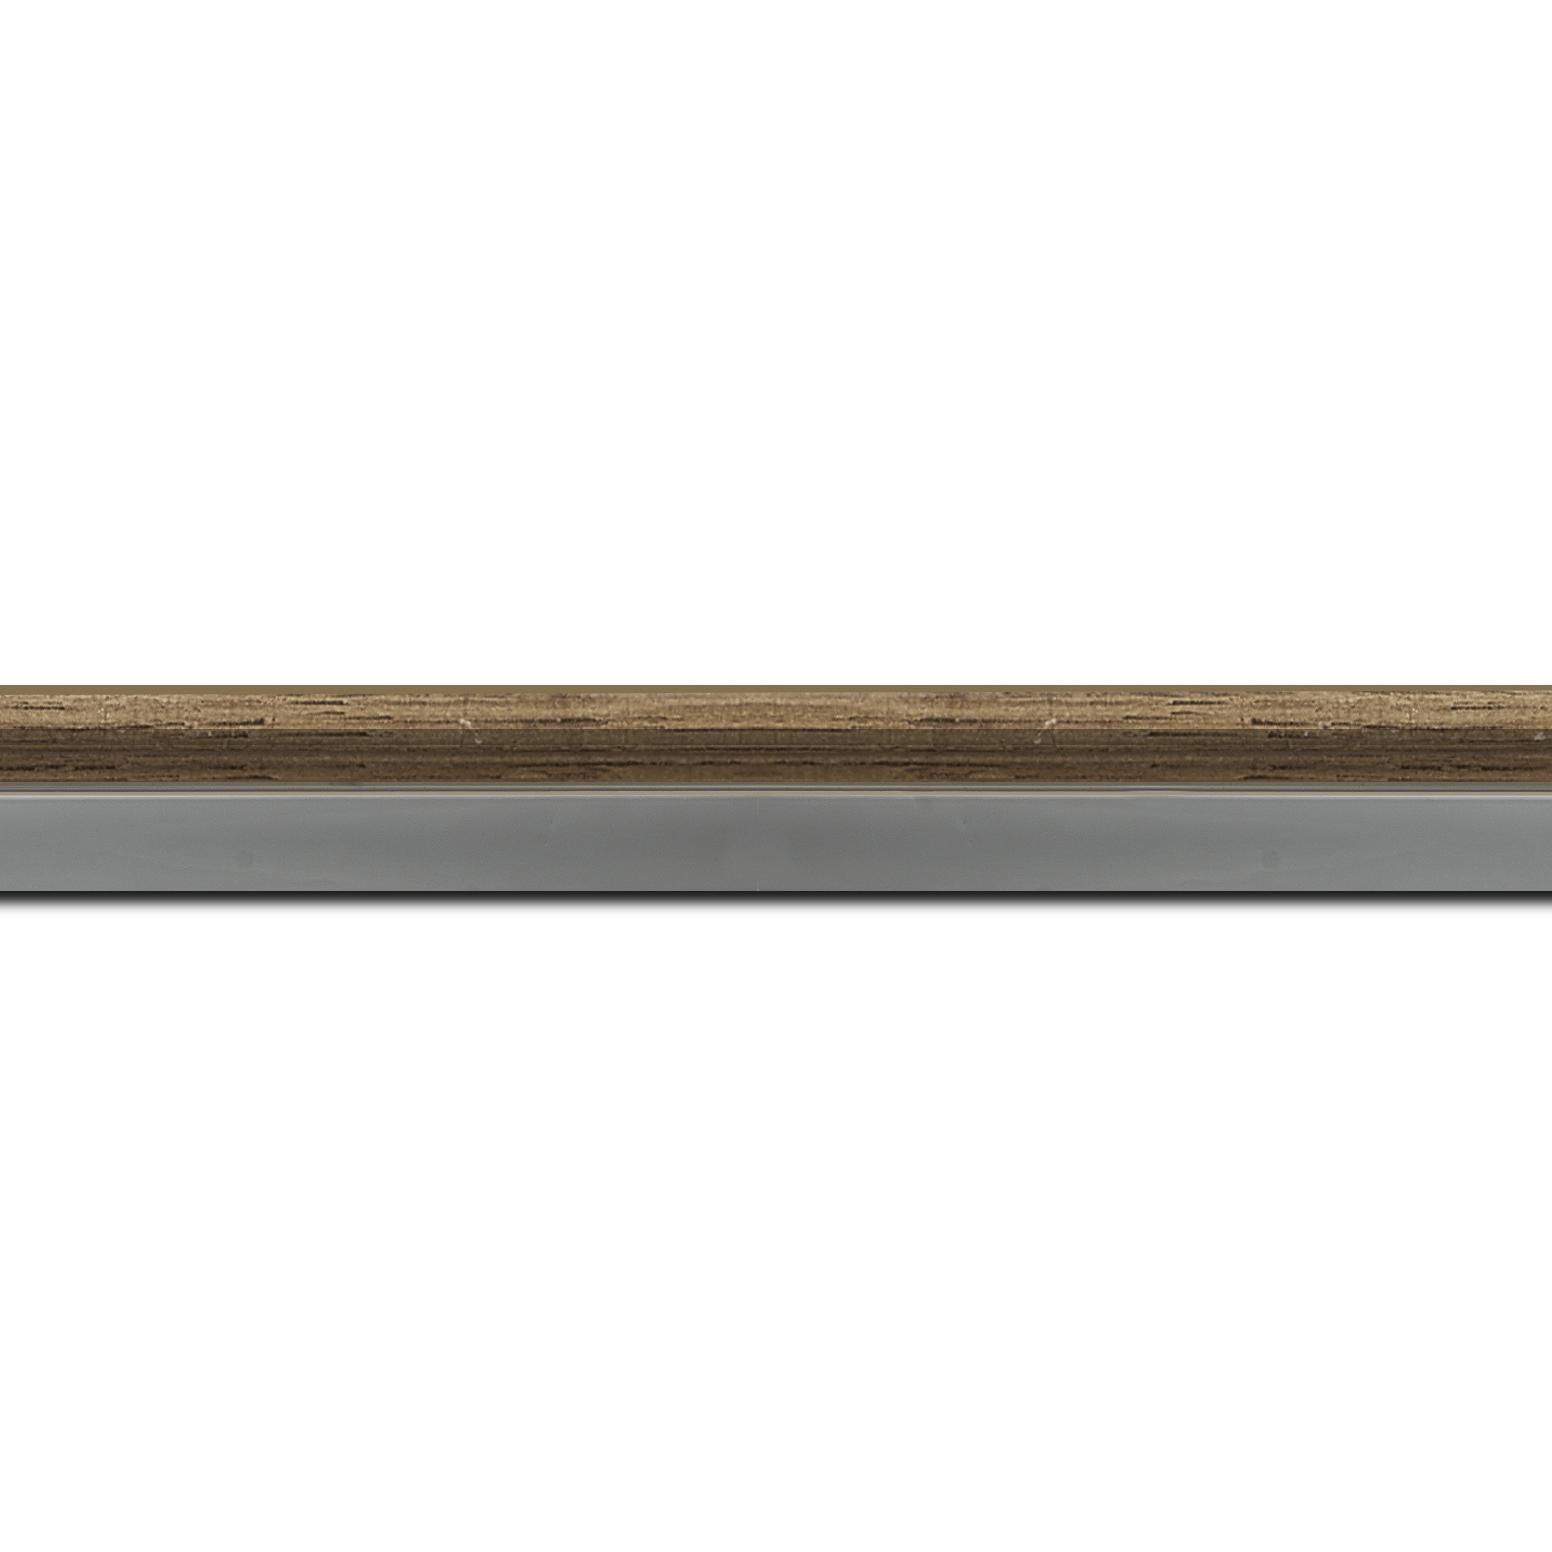 Pack par 12m, bois profil plat largeur 2.4cm  argent chromé décor chêne foncé extérieur (longueur baguette pouvant varier entre 2.40m et 3m selon arrivage des bois)